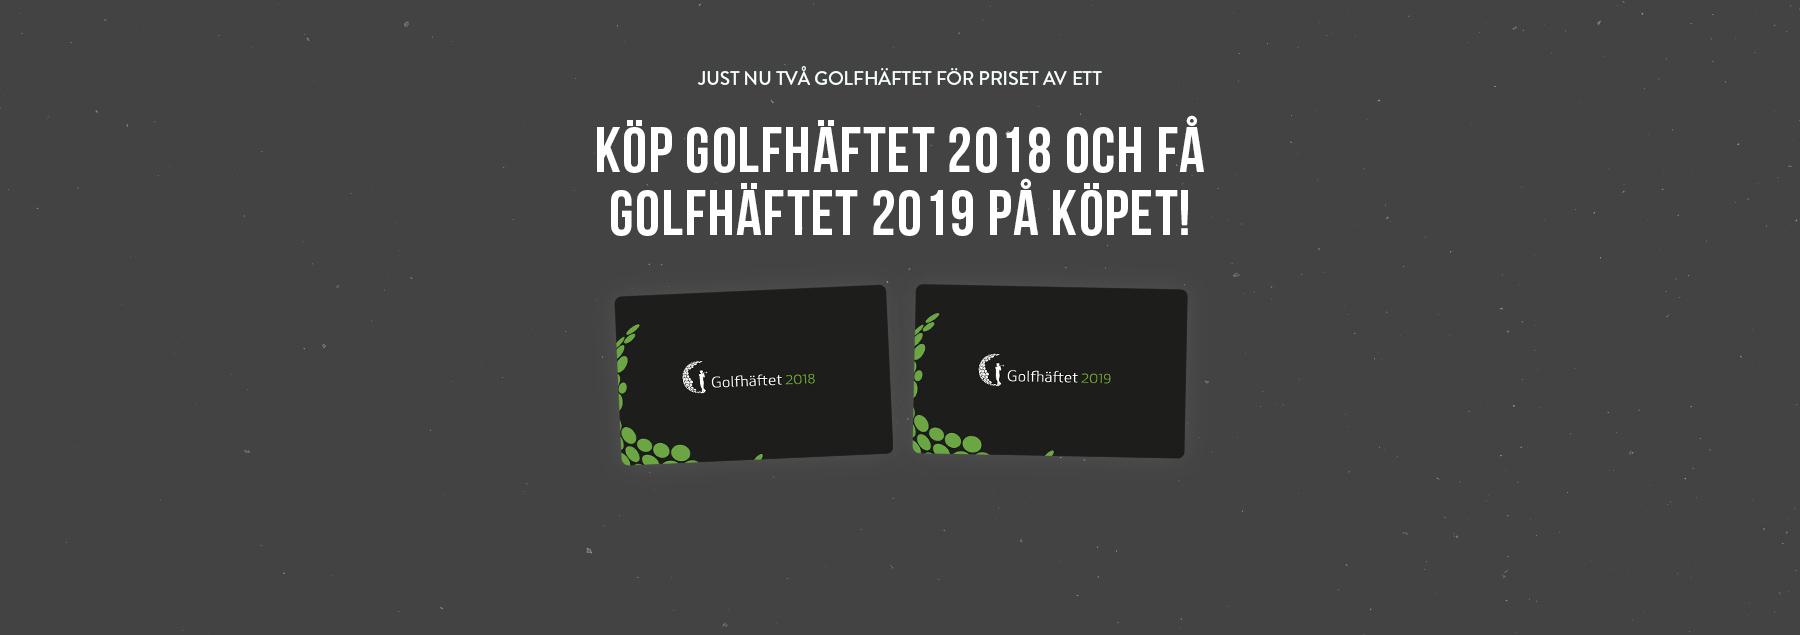 Köp golfhäftet 2018 och få golfhäftet 2019 på köpet!